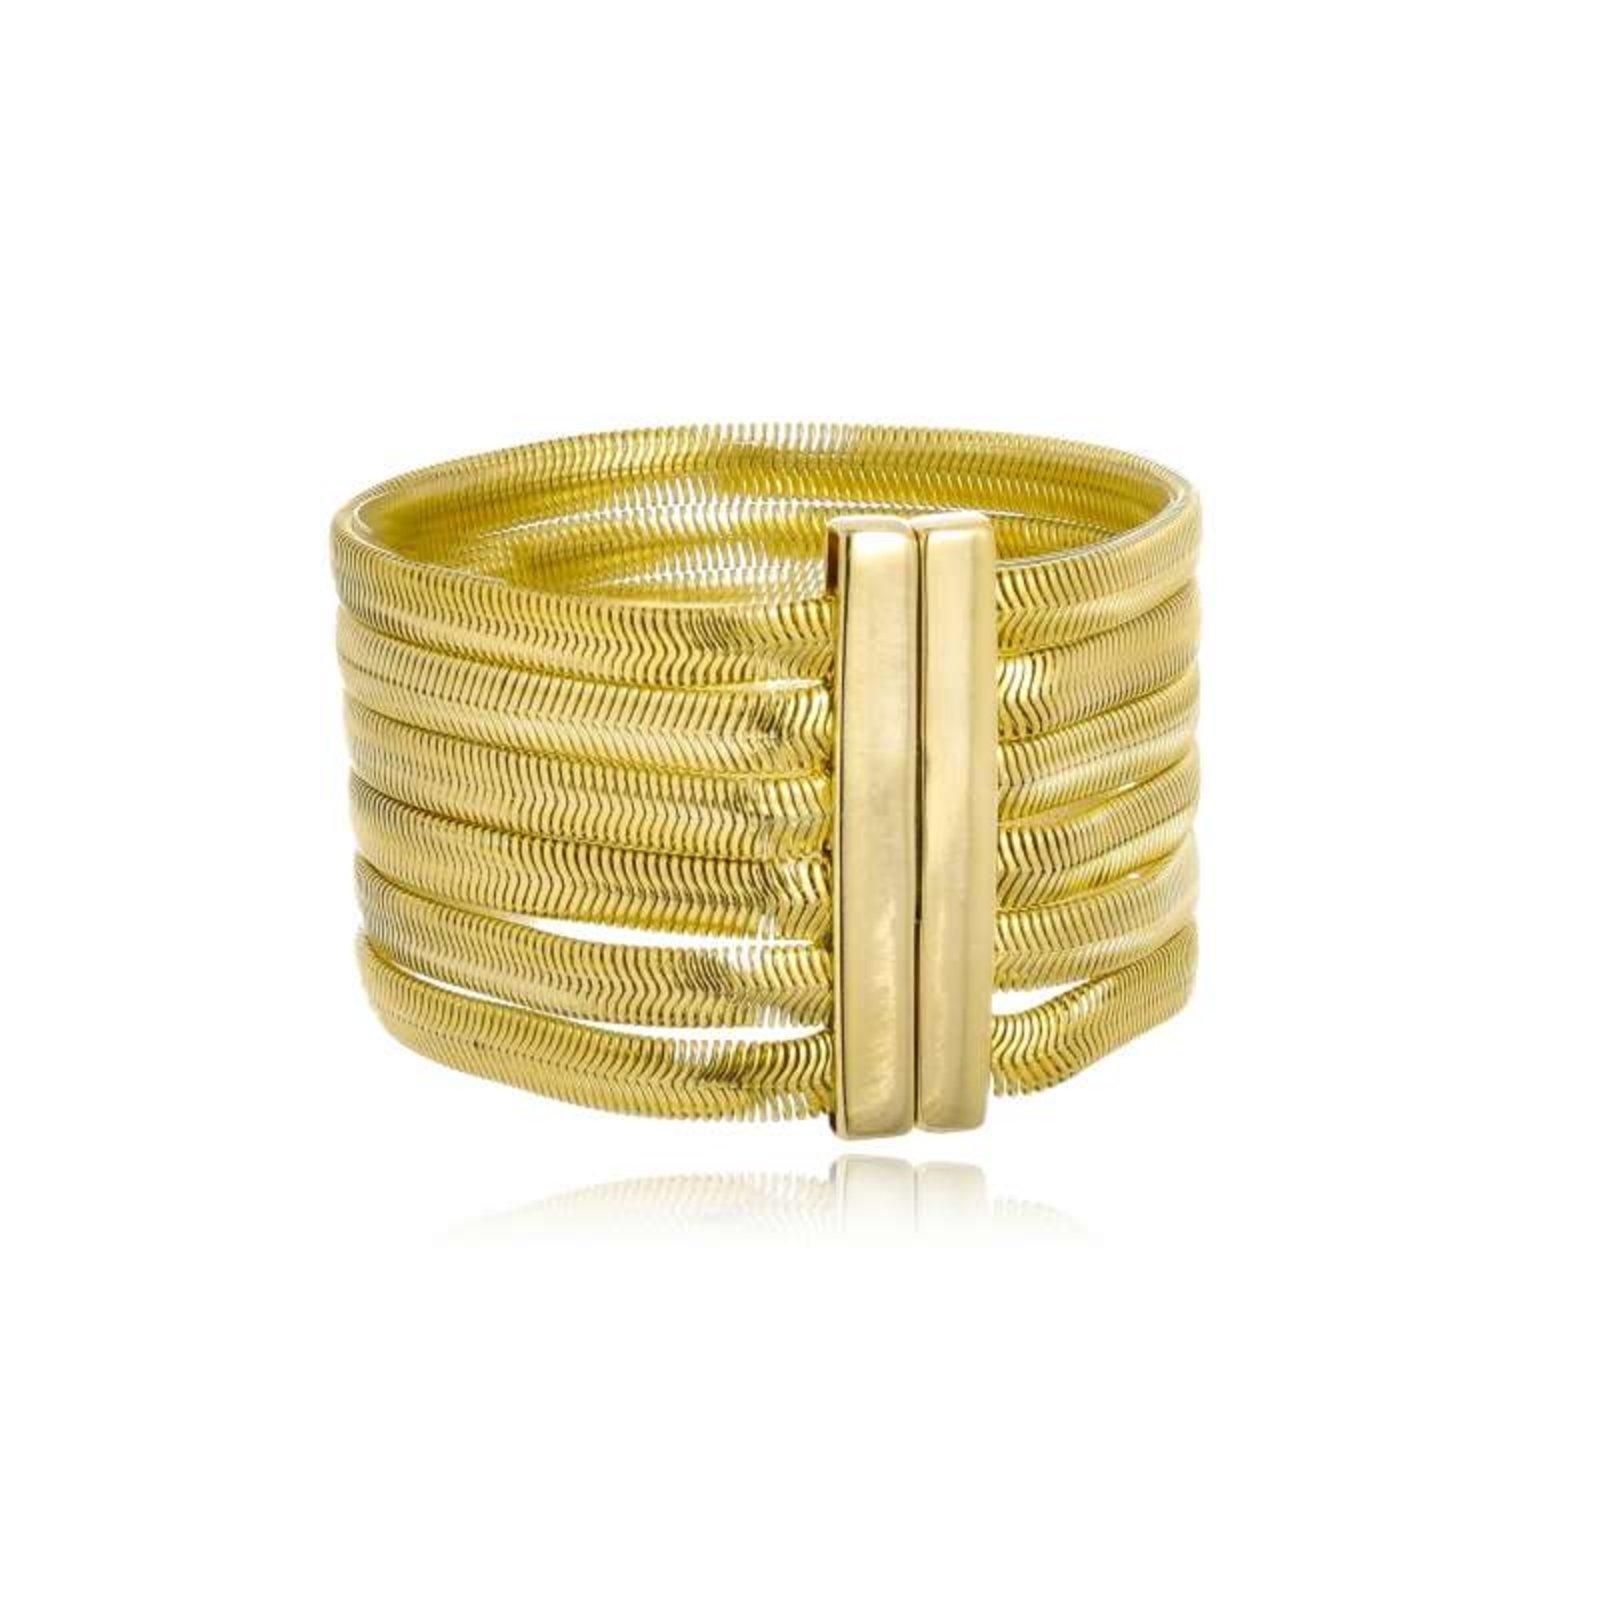 Bracelete Rincawesky Malha Dourado - Marca Rincawesky